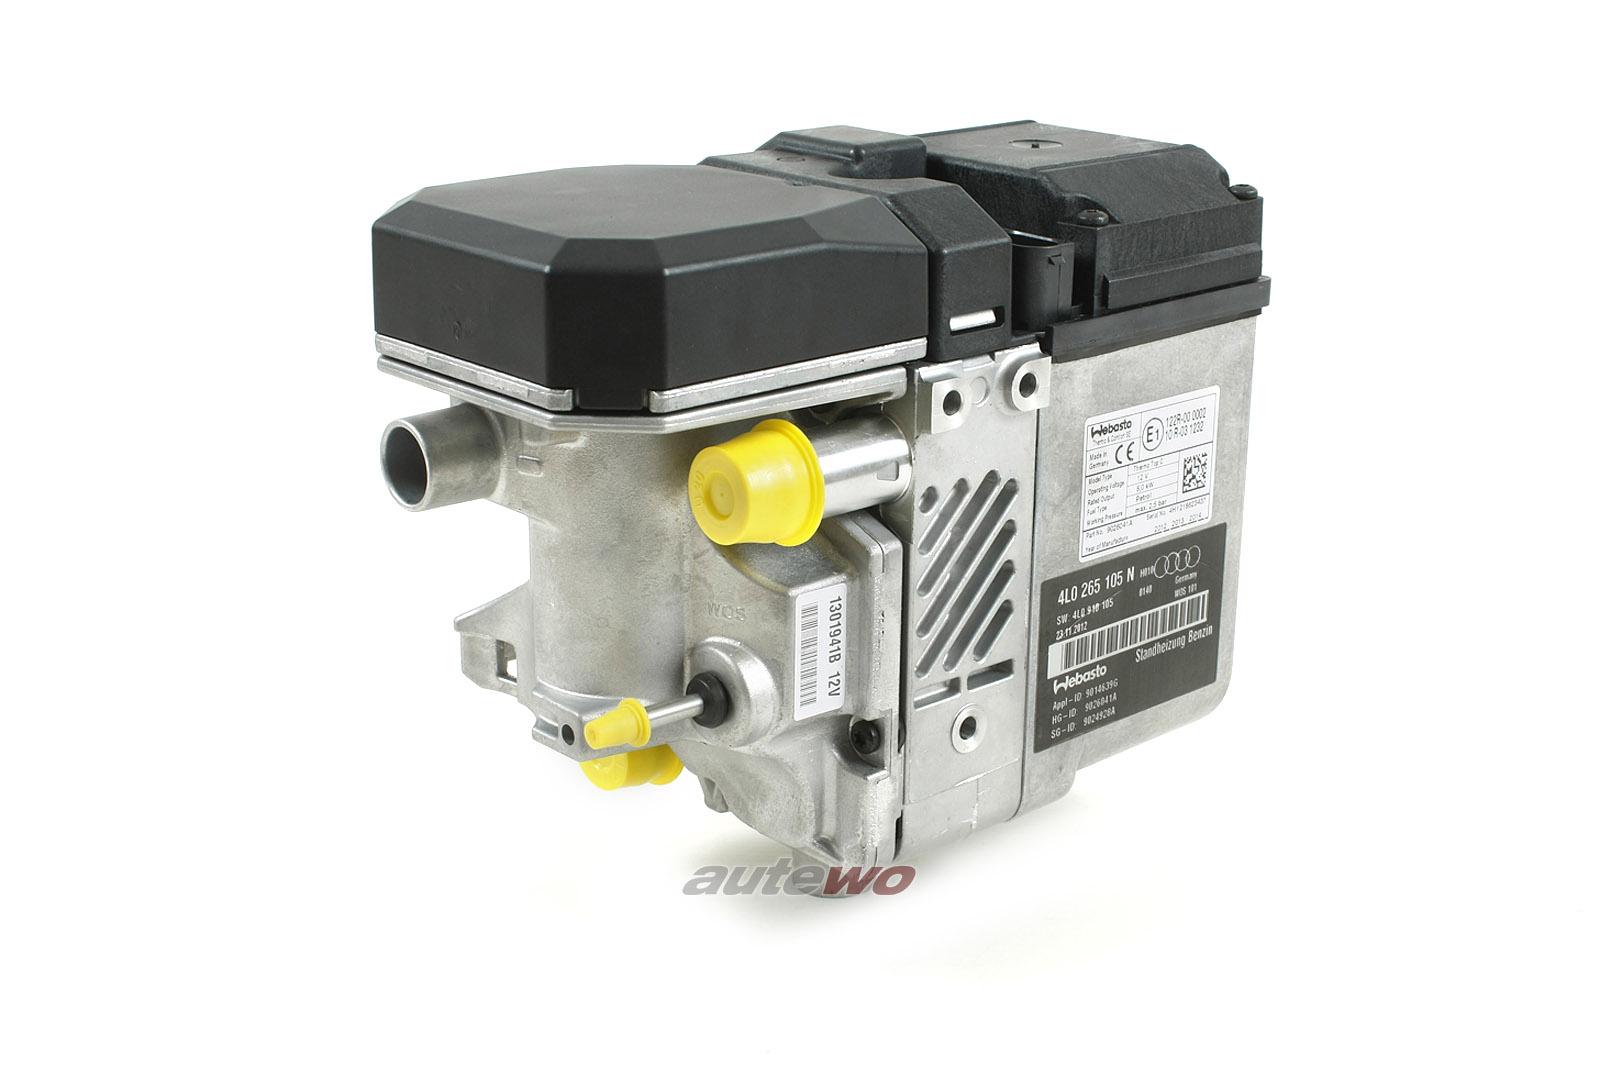 4L0265105Q NEU Audi Q7 4L Heizgerät Standheizung Webasto Benzin-Motor